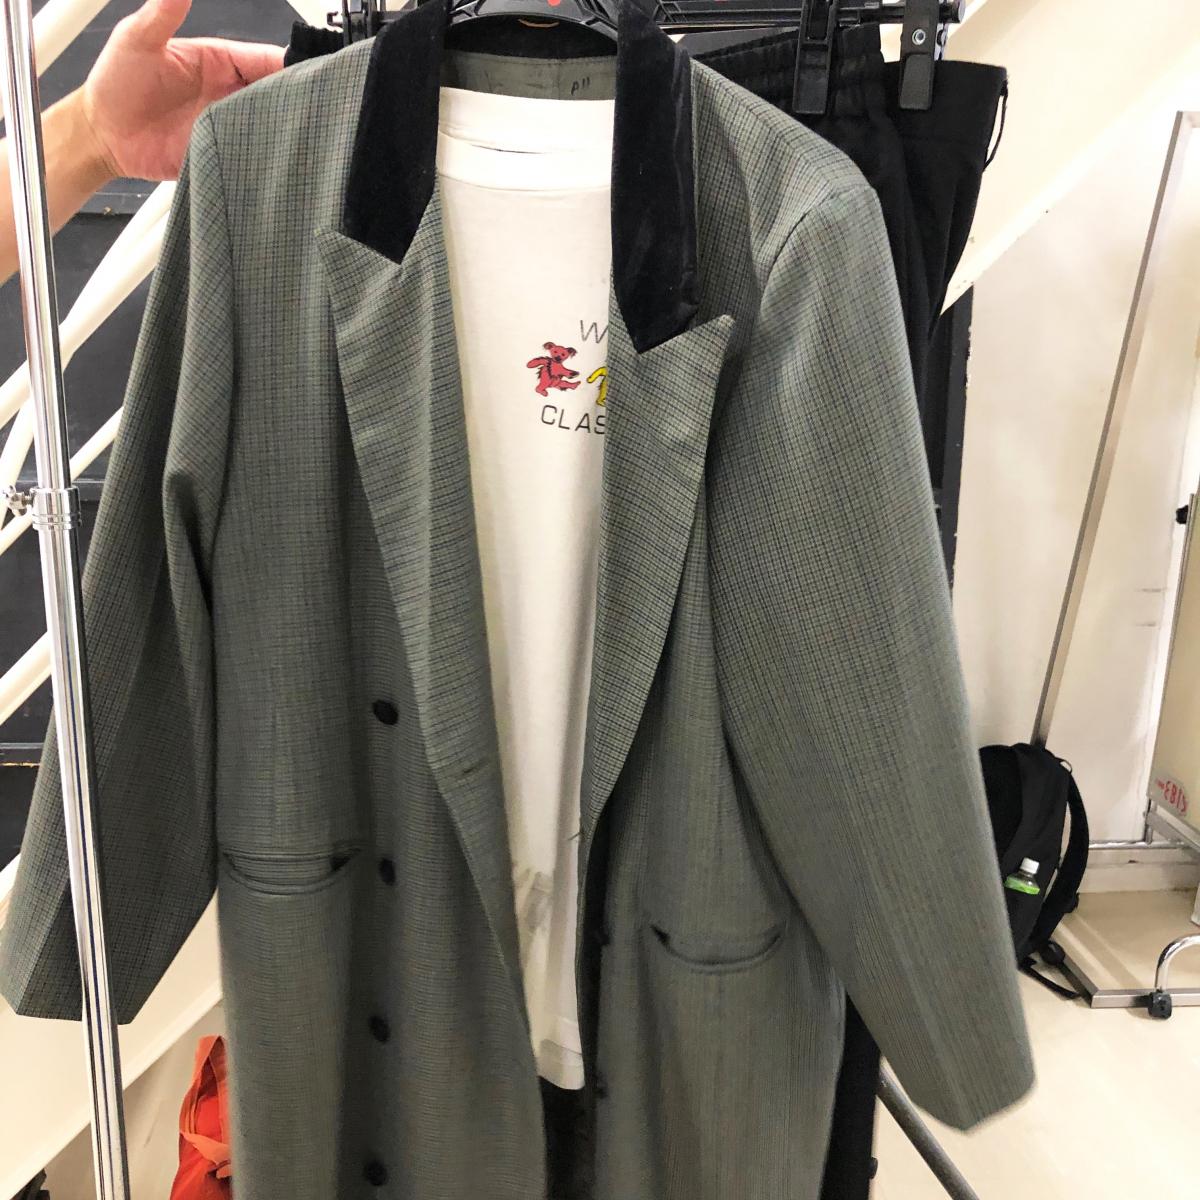 中村倫也さんの着用衣装を特別に! チラリと胸もとからのぞくデッドベアー